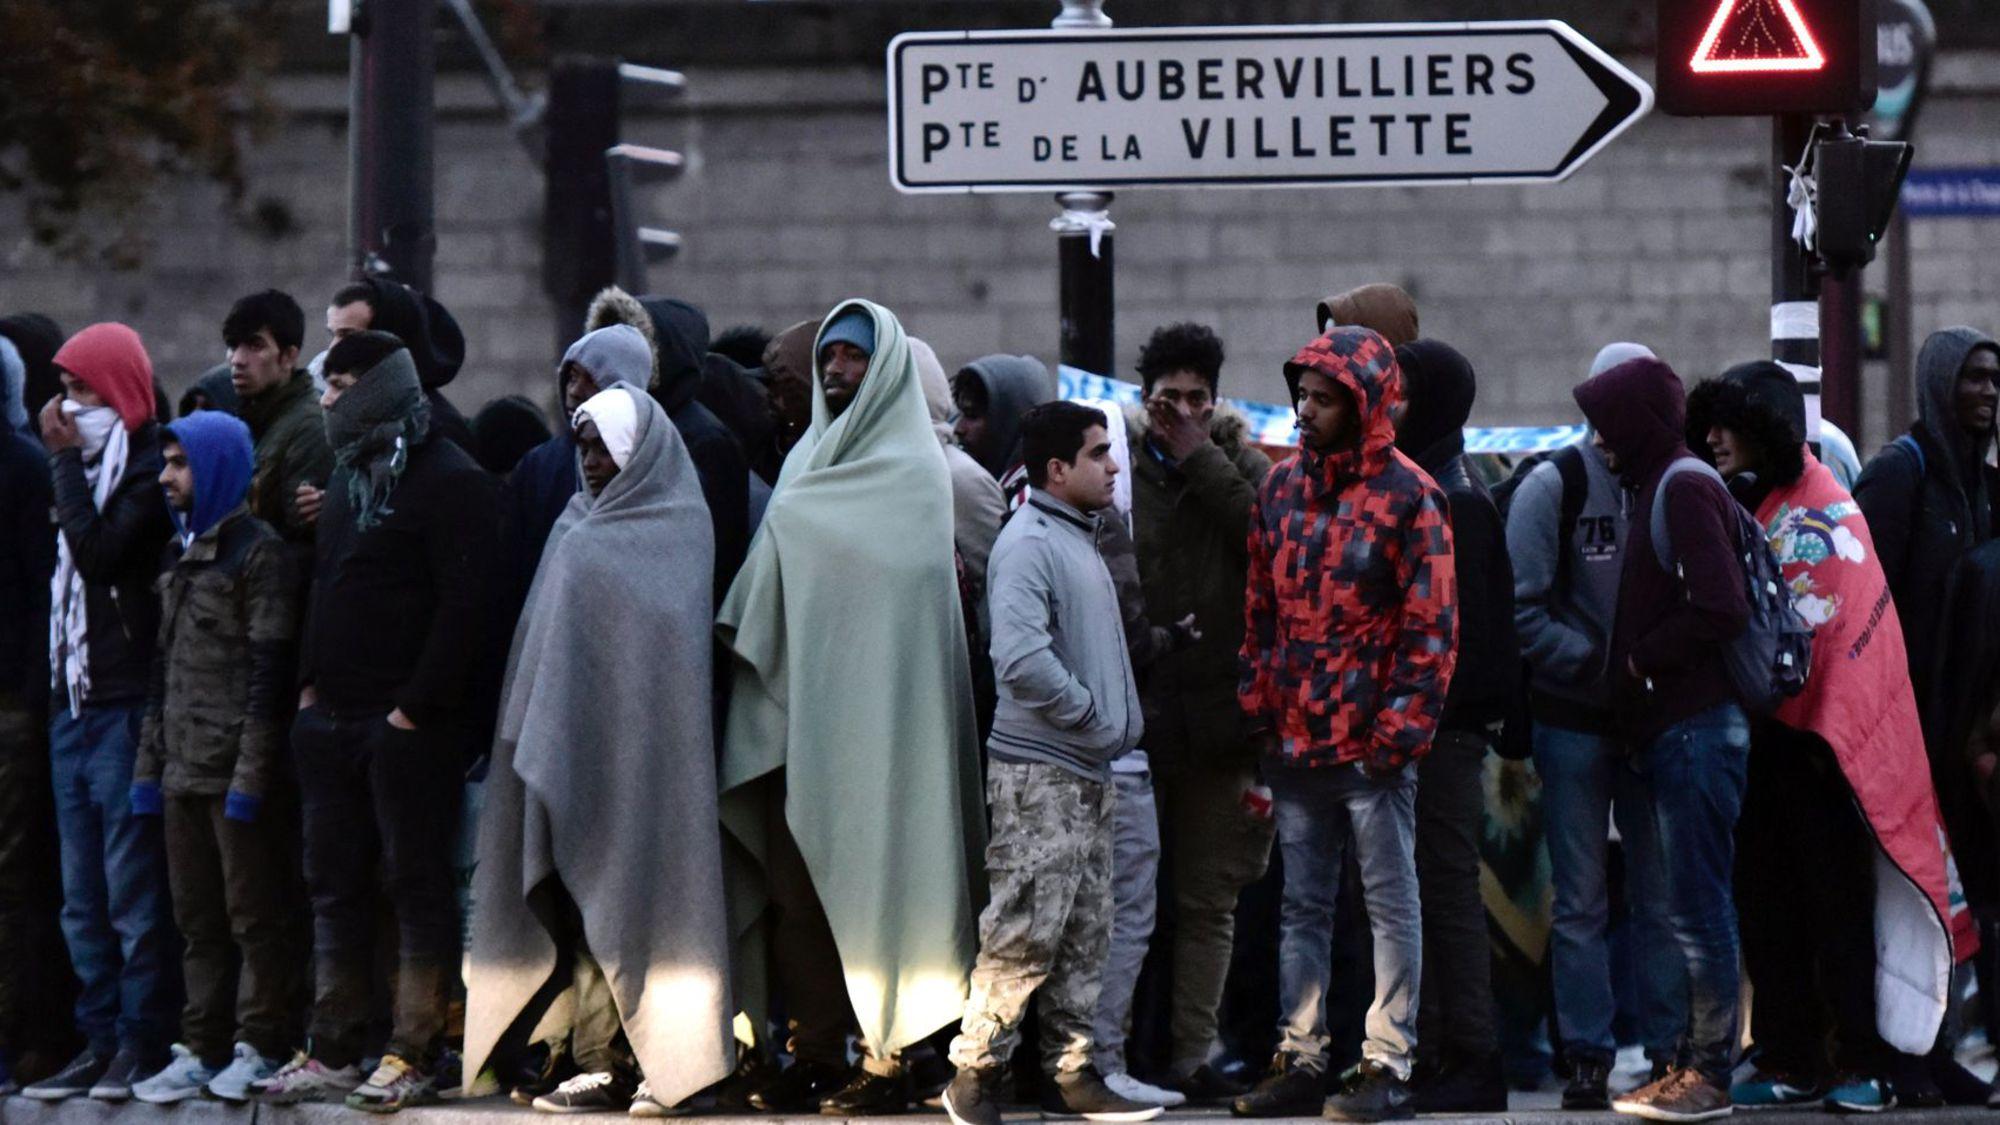 L'immigration inquiète les Français, qui sont 63% à penser qu'il y a «trop d'étrangers» en France, 71% pensent que l'islam veut s'imposer aux autres